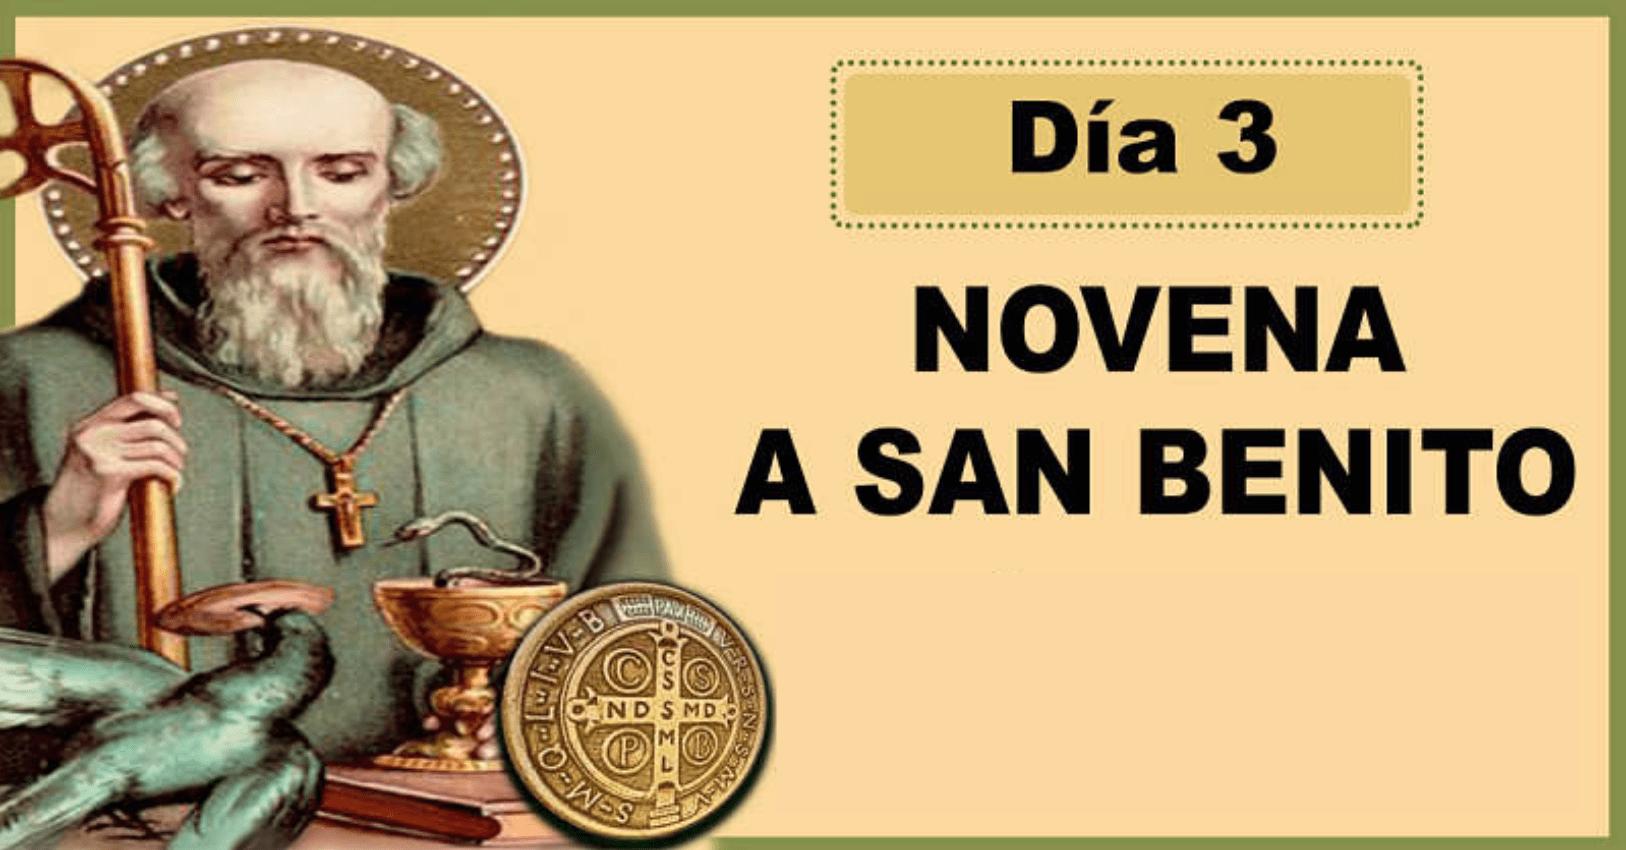 Novena a San Benito